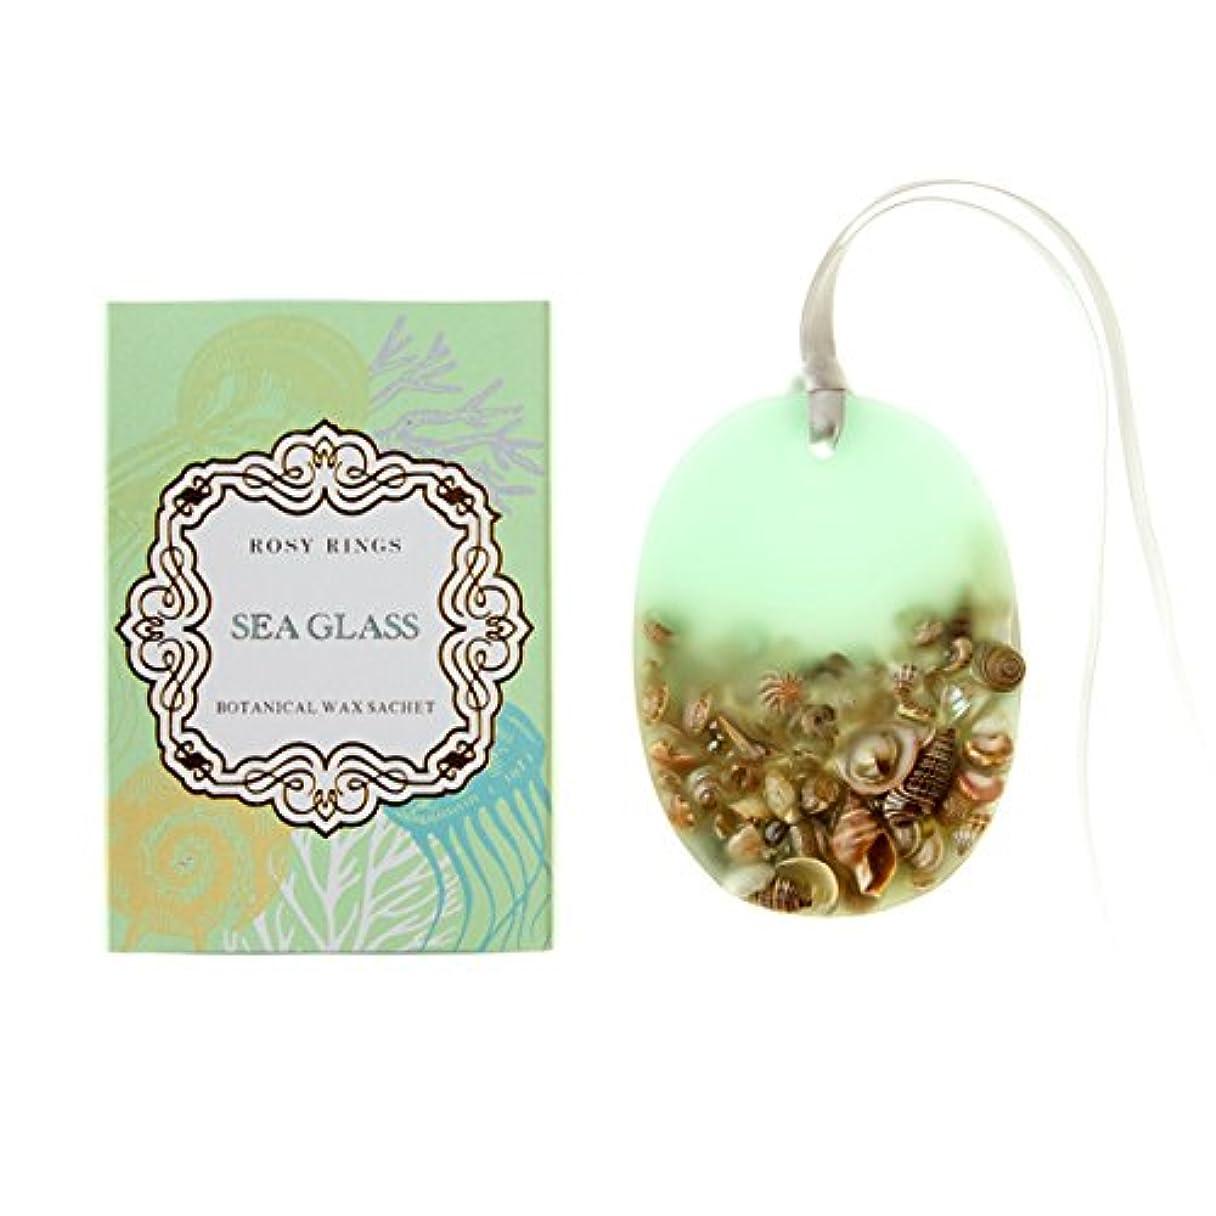 独裁者開発インフレーションロージーリングス プティボタニカルサシェ シーグラス ROSY RINGS Petite Oval Botanical Wax Sachet Sea Glass